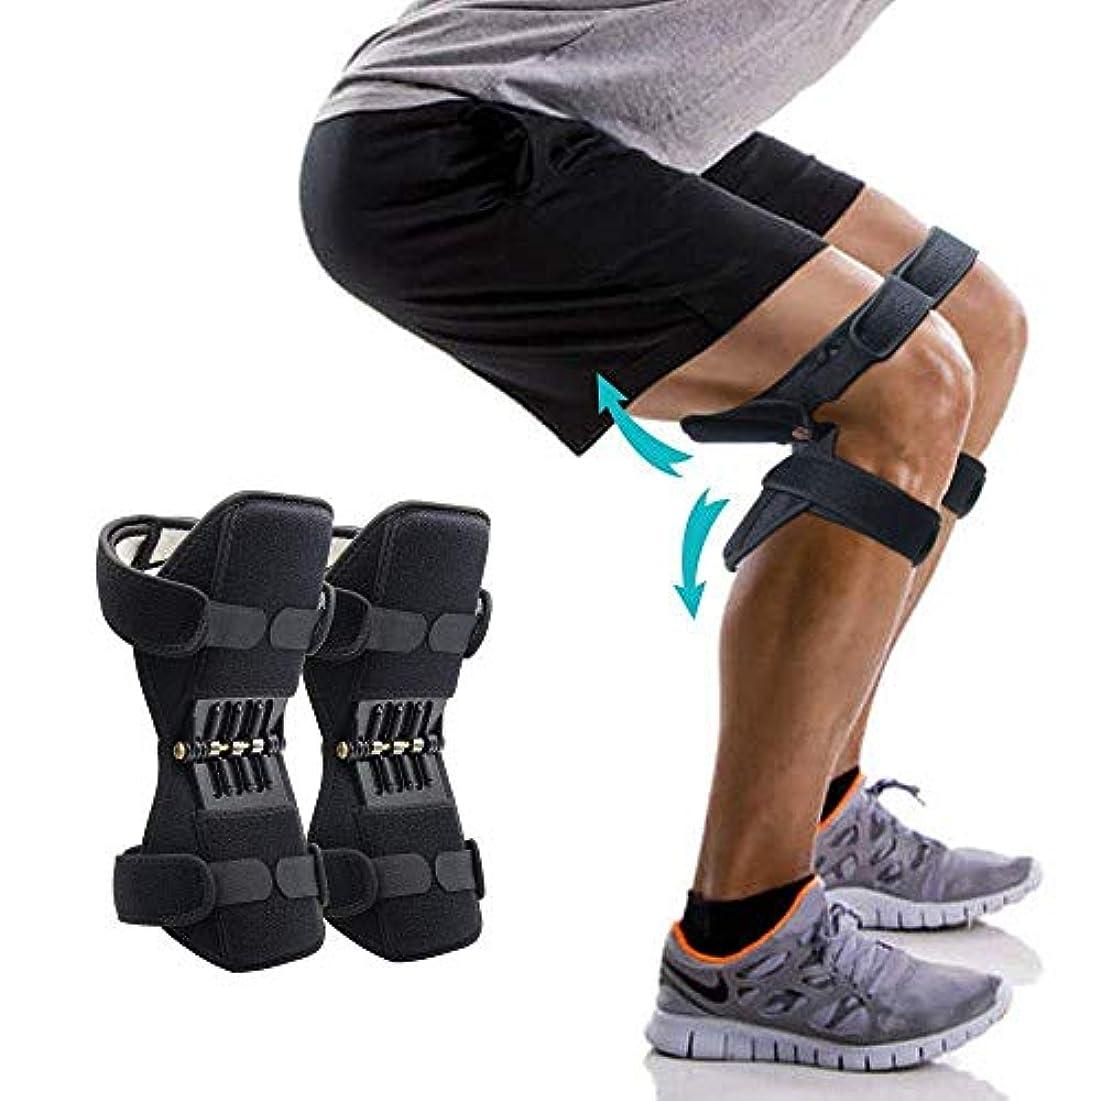 省略するお母さん資源膝保護ブースター 膝関節ブースターサポート 脛骨ブースター 膝パッド 関節 靭帯 保護 膝プロテクター 伸縮性 登山 ランニング バスケ アウトドア スポーツ用 男女兼用 1ペアセット